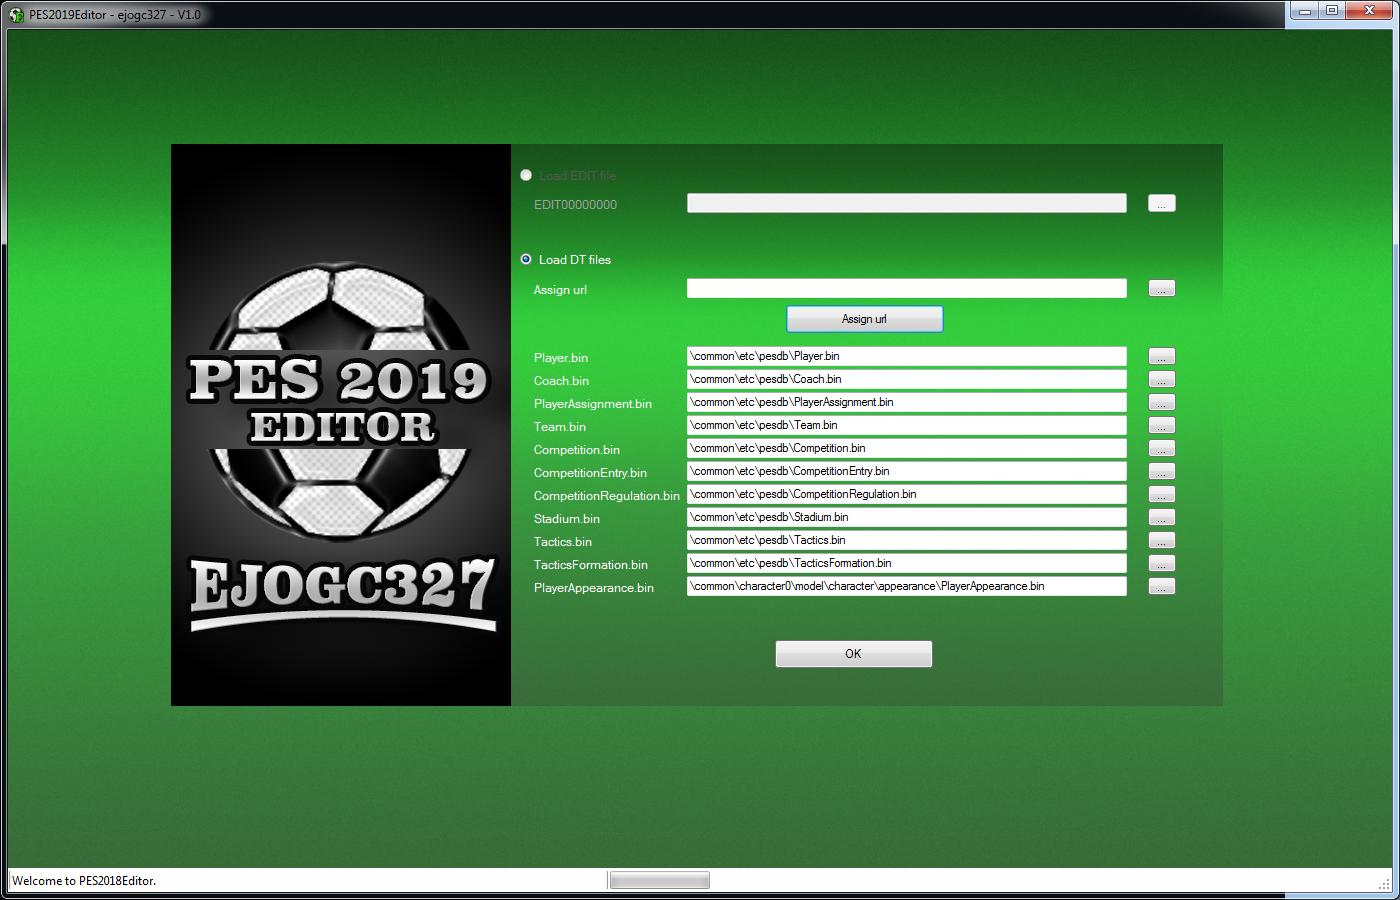 PES 2019 Editor - Aplicaciones - Dekazeta